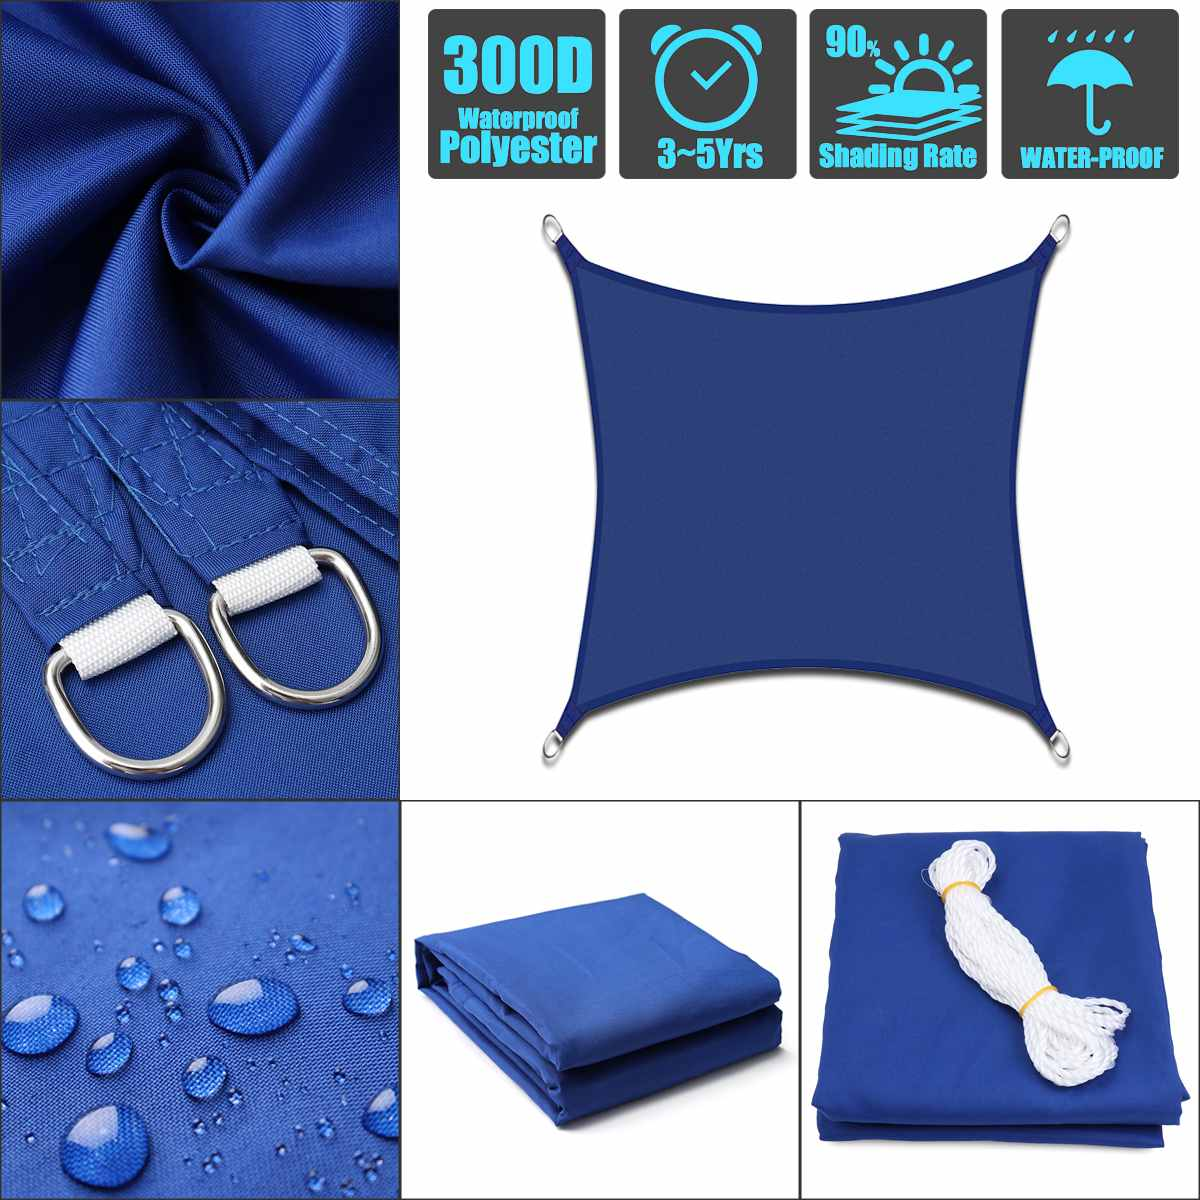 Vela para sombra rectangular Oxford azul, impermeable, para jardín, terraza, dosel, natación, sombra de sol, exteriores, patio de acampar, toldos de vela